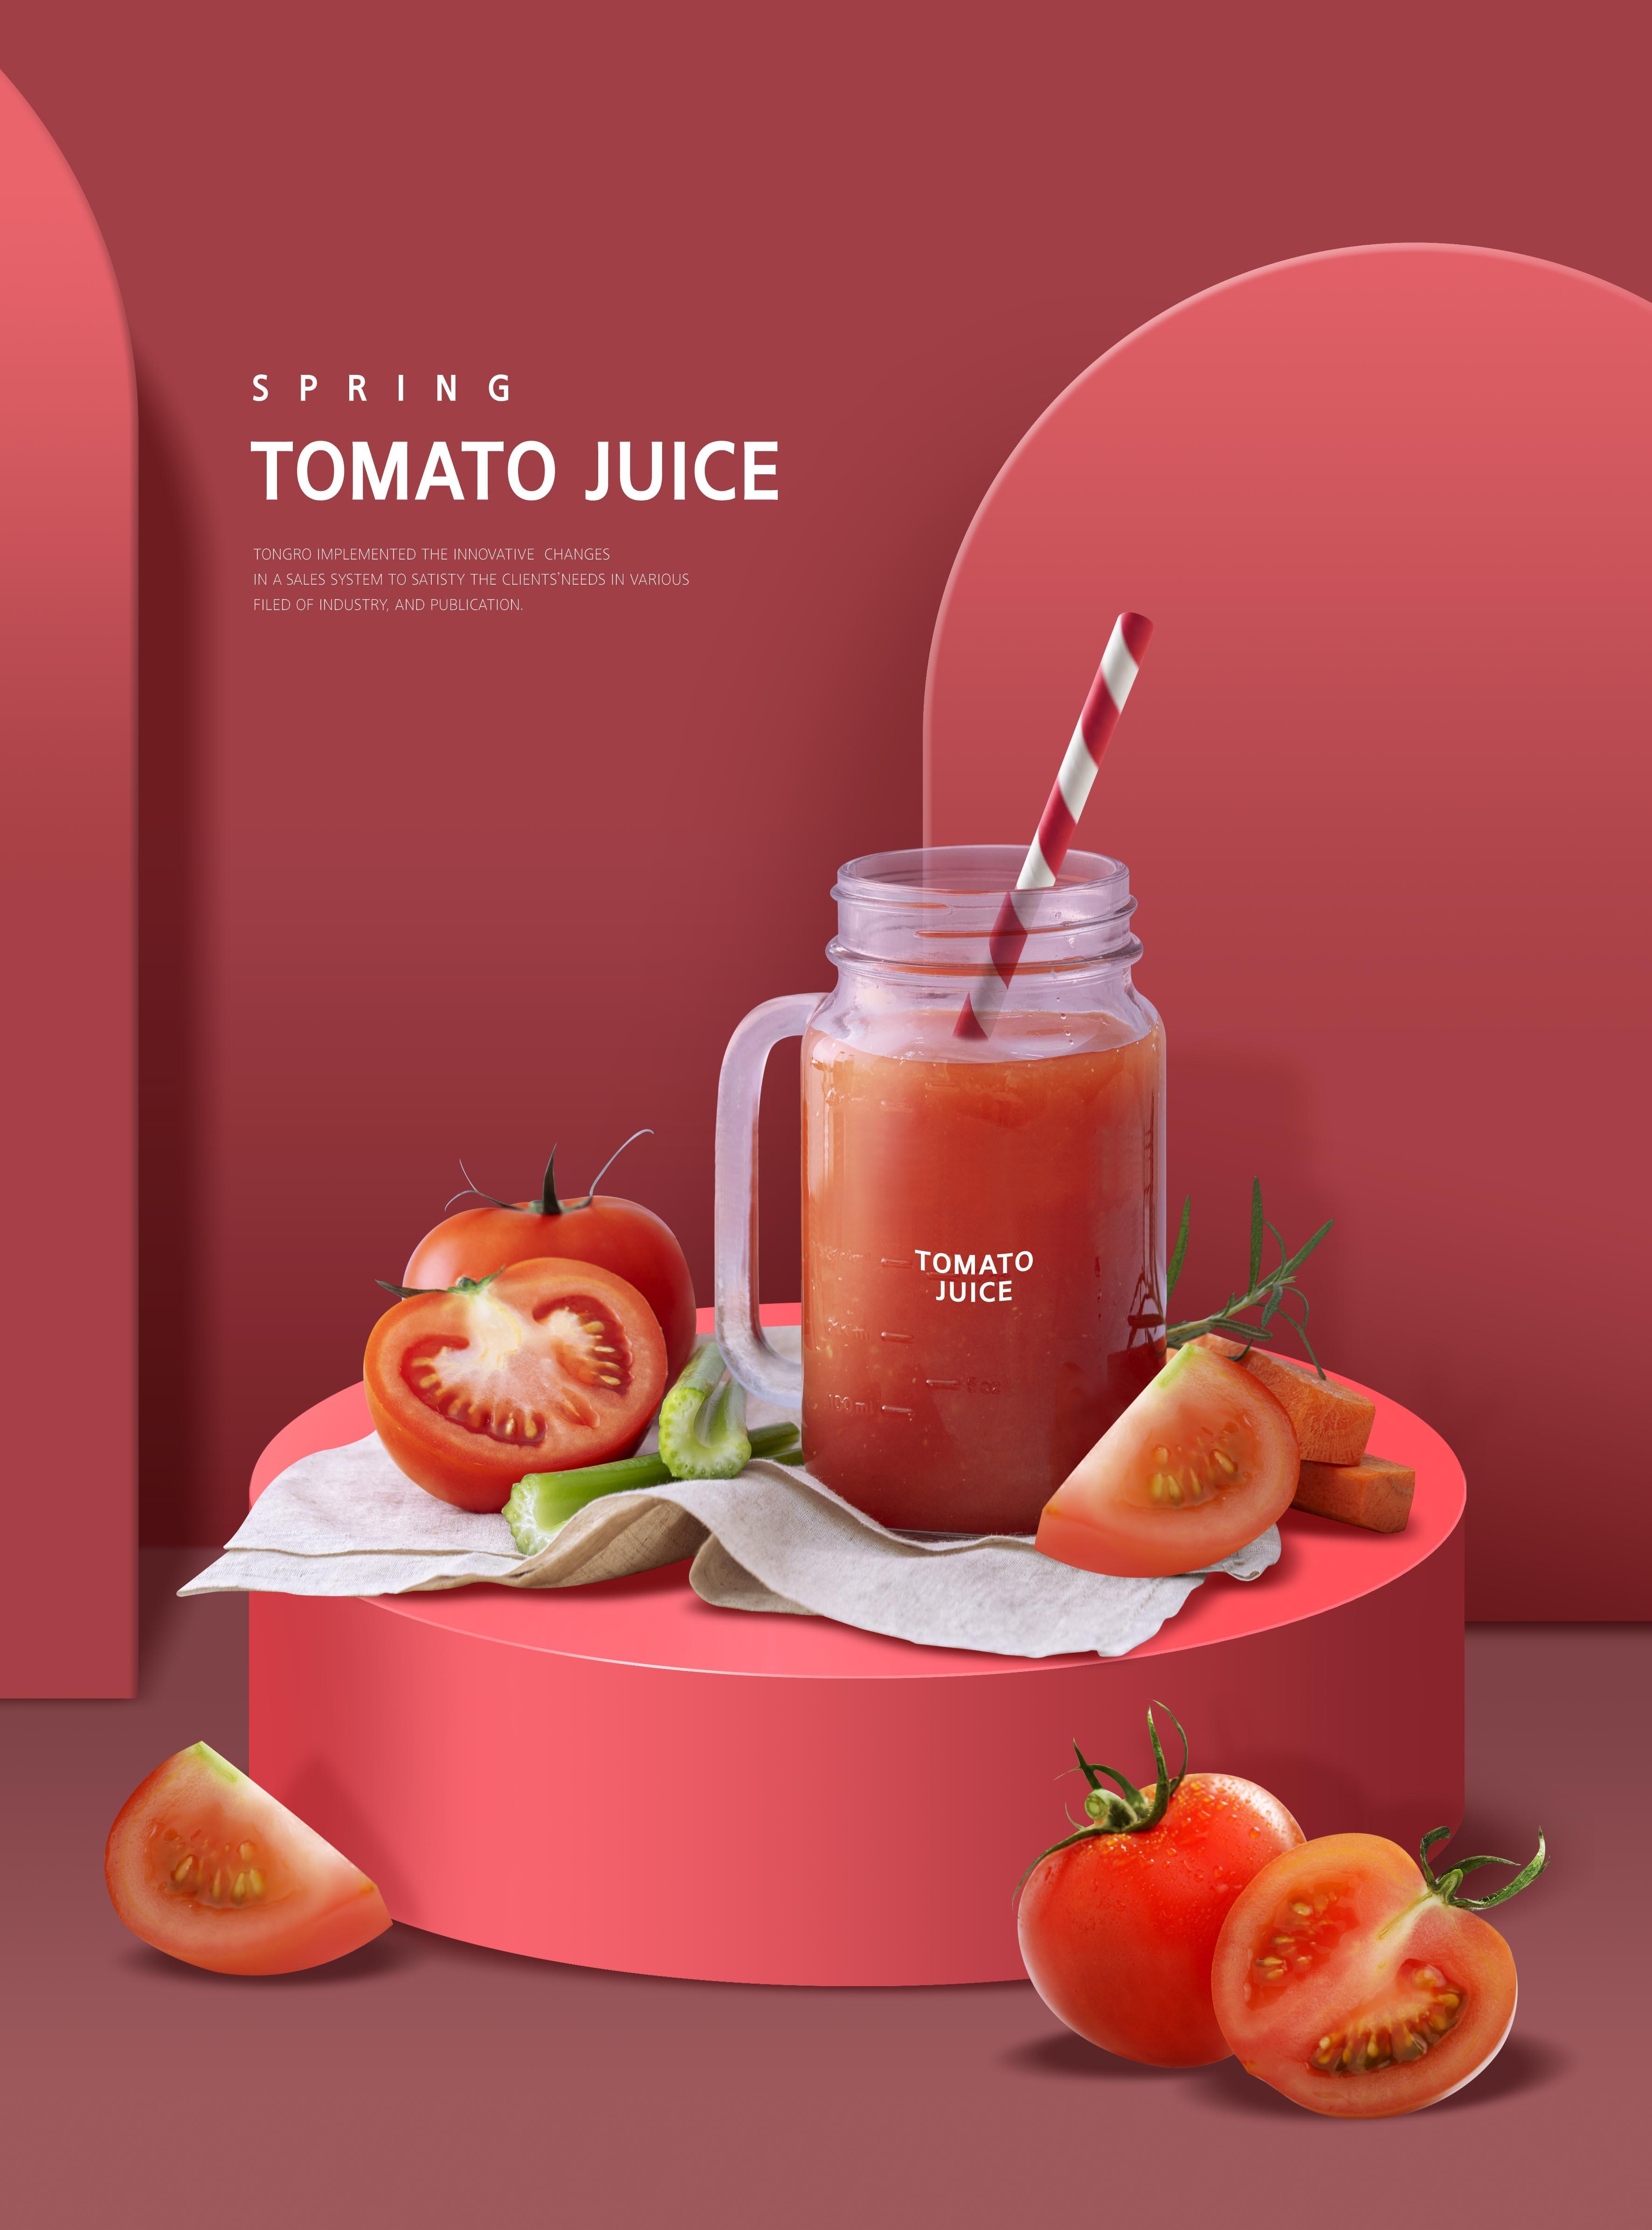 10款奶茶甜品美食蛋糕下午茶传单海报设计PSD素材 Food Poster PSD Template插图8